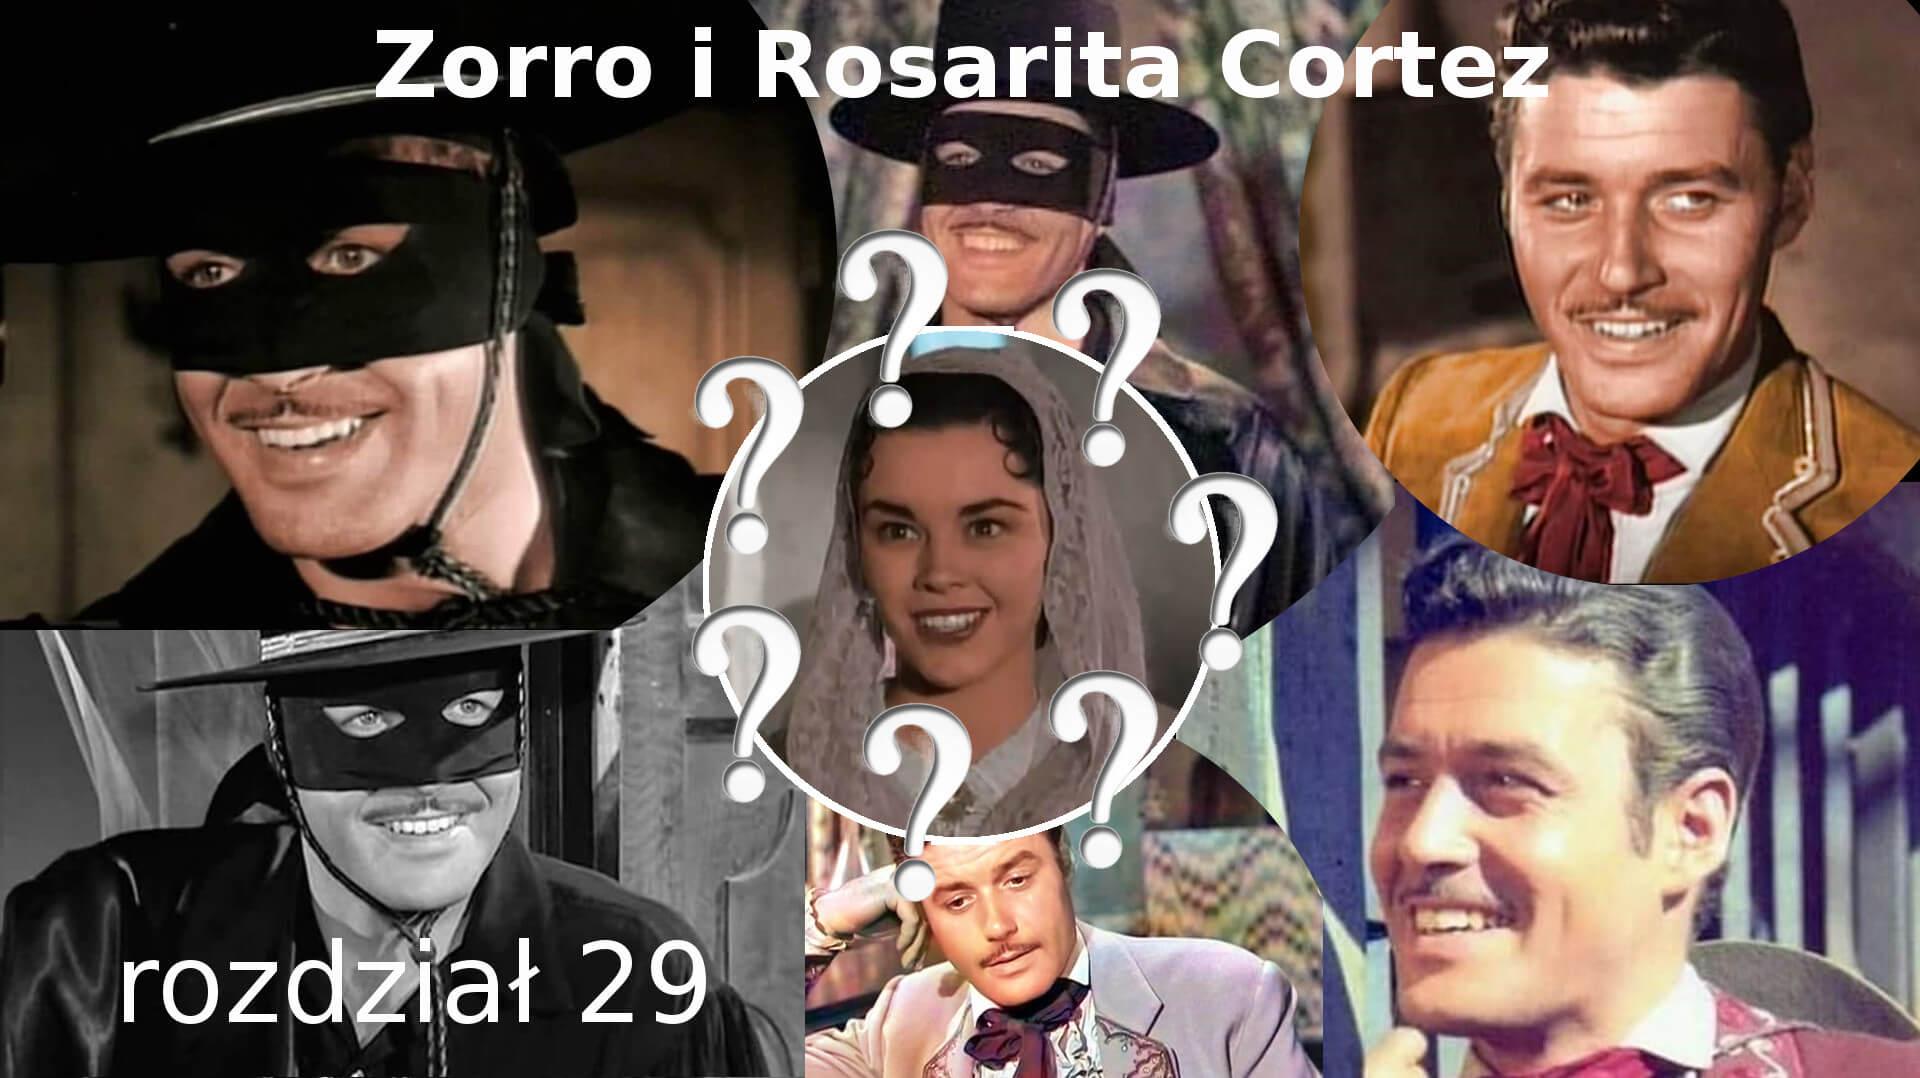 Zorro i Rosarita Cortez rozdział 29 Zorro fanfiction